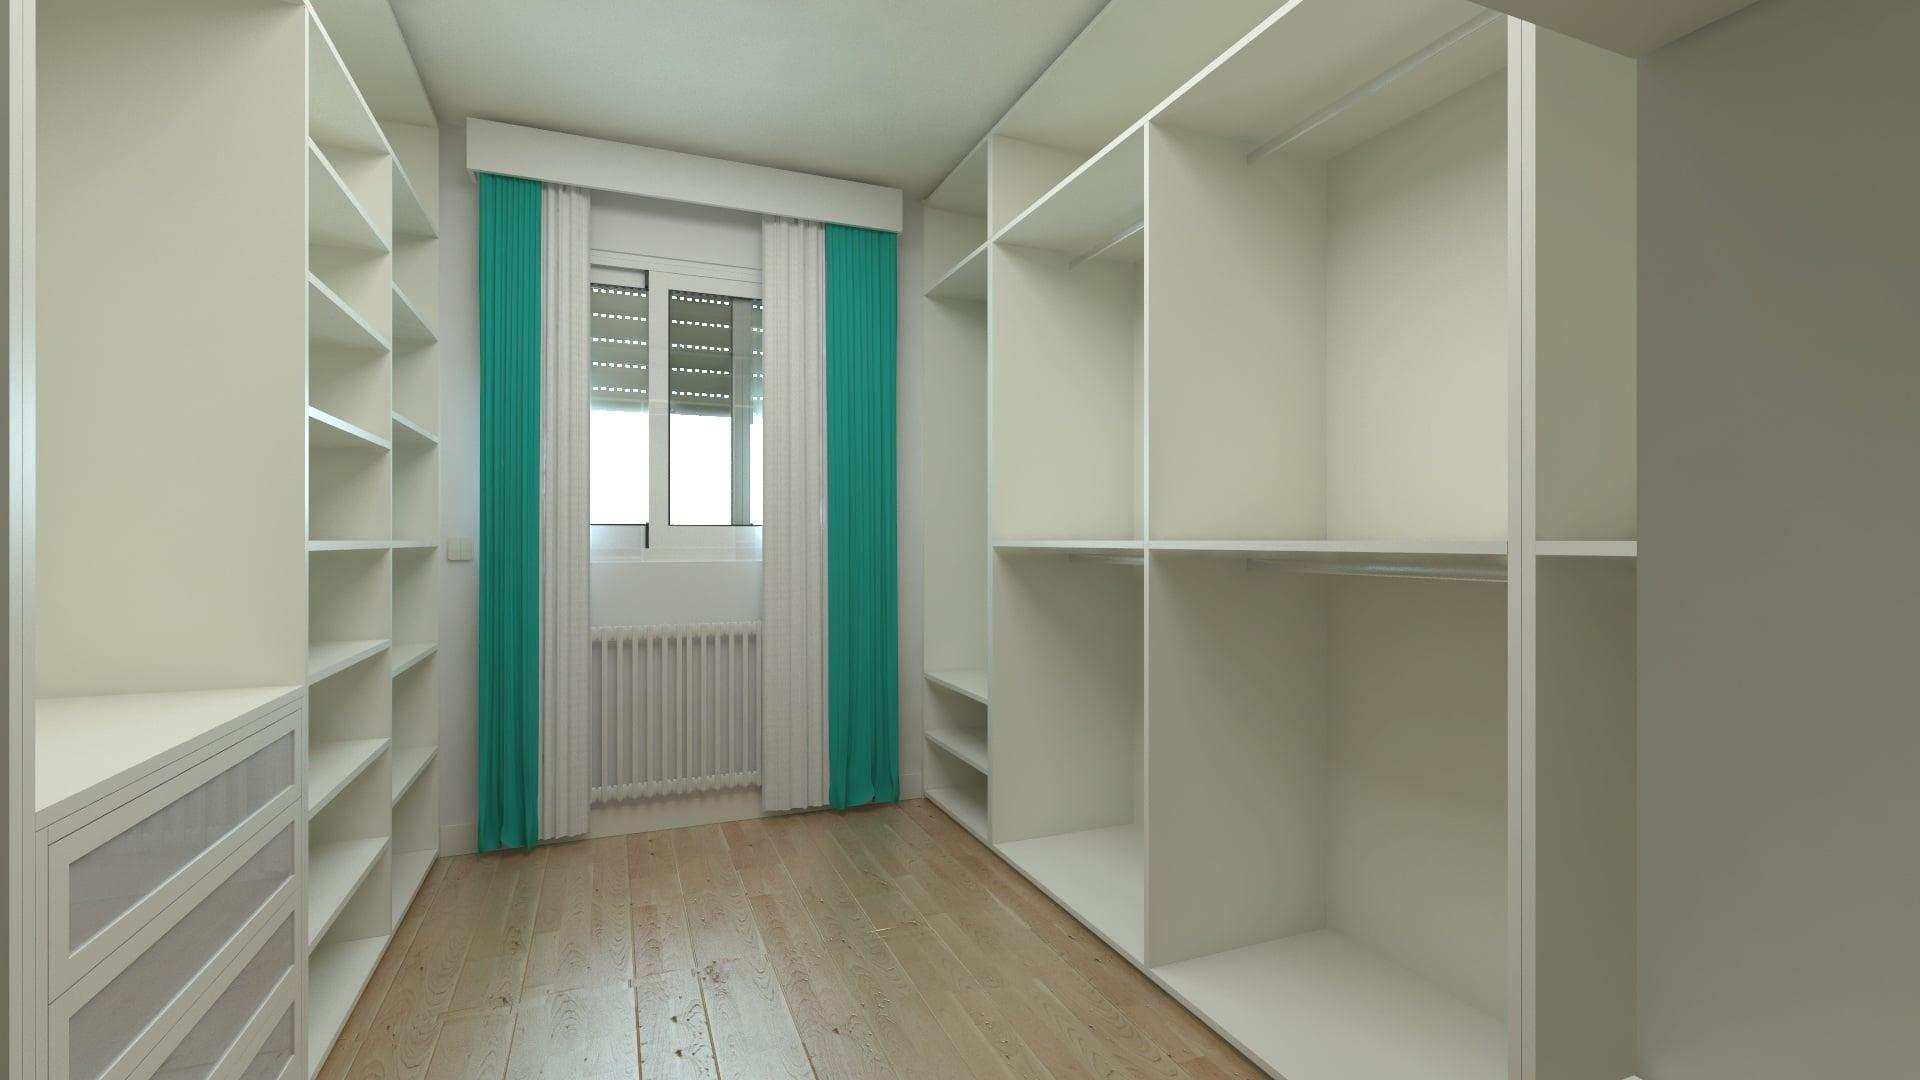 Cabina armadio ikea combinazioni perfette per ogni esigenza - Ikea cabine armadio ...